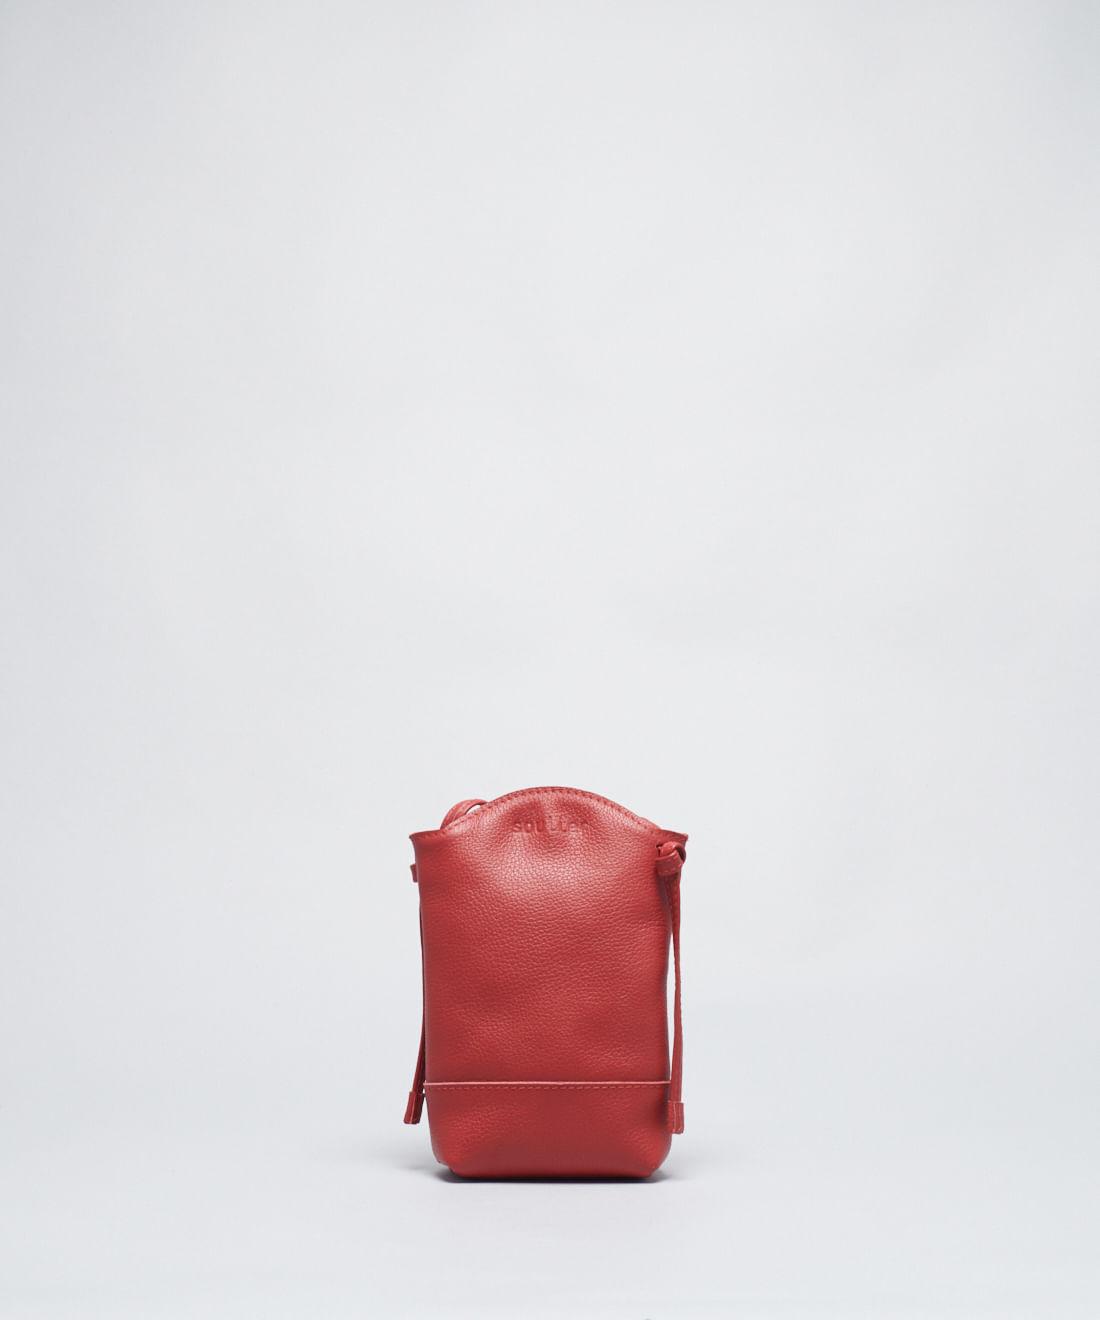 Bolsinha Baldinho - Vermelho